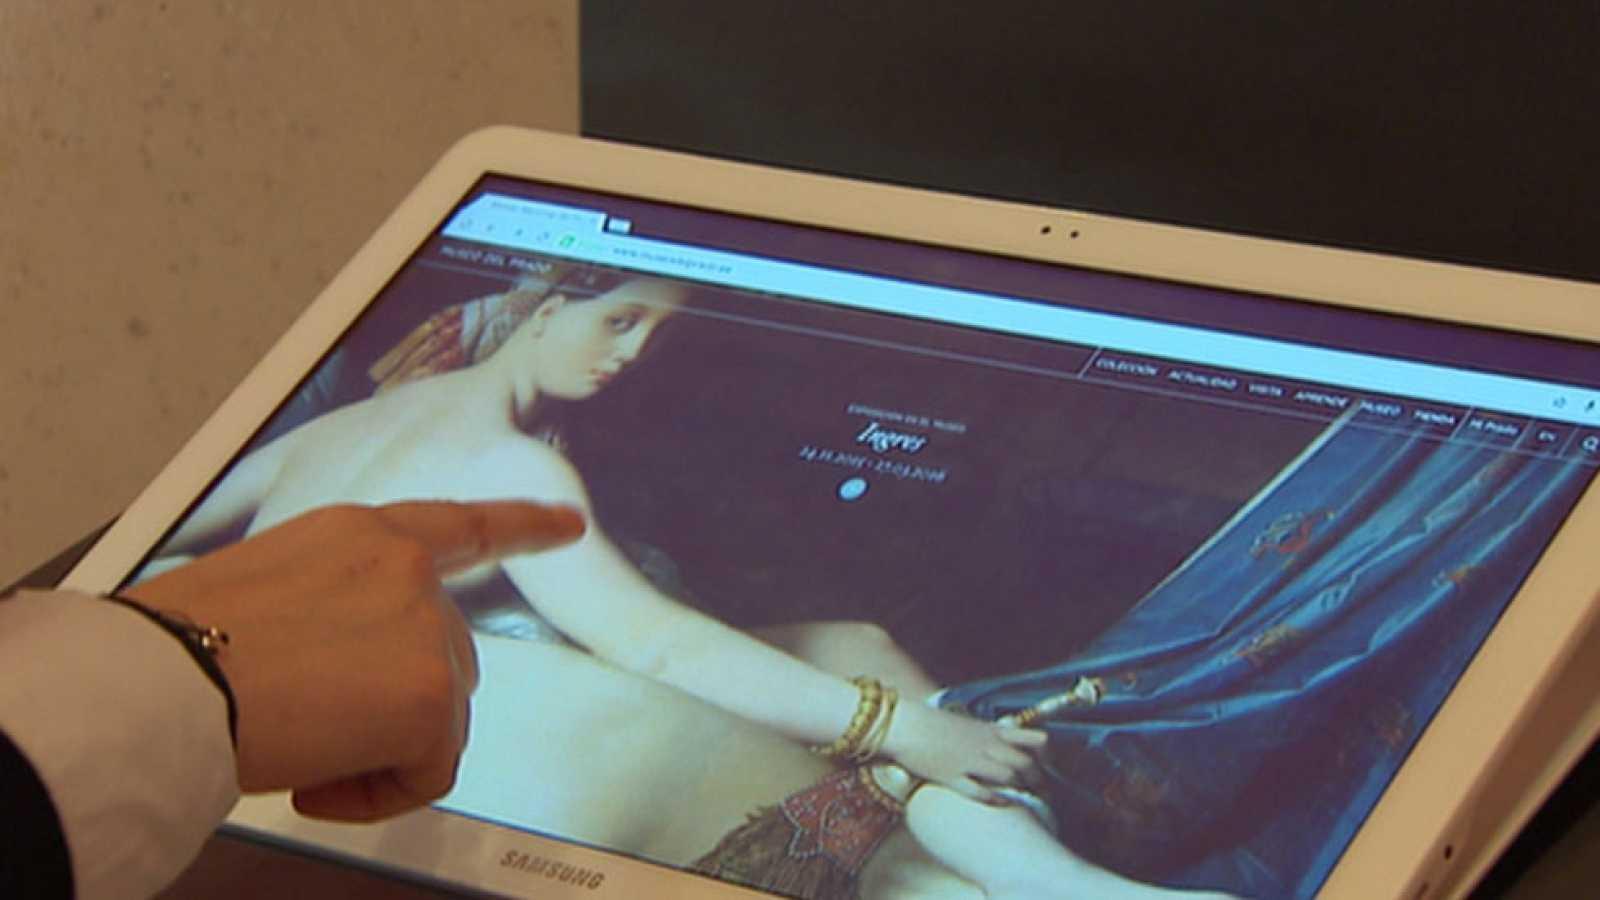 El Museo del Prado estrena nueva web, más sencilla, más visual y con imágenes de mayor calidad